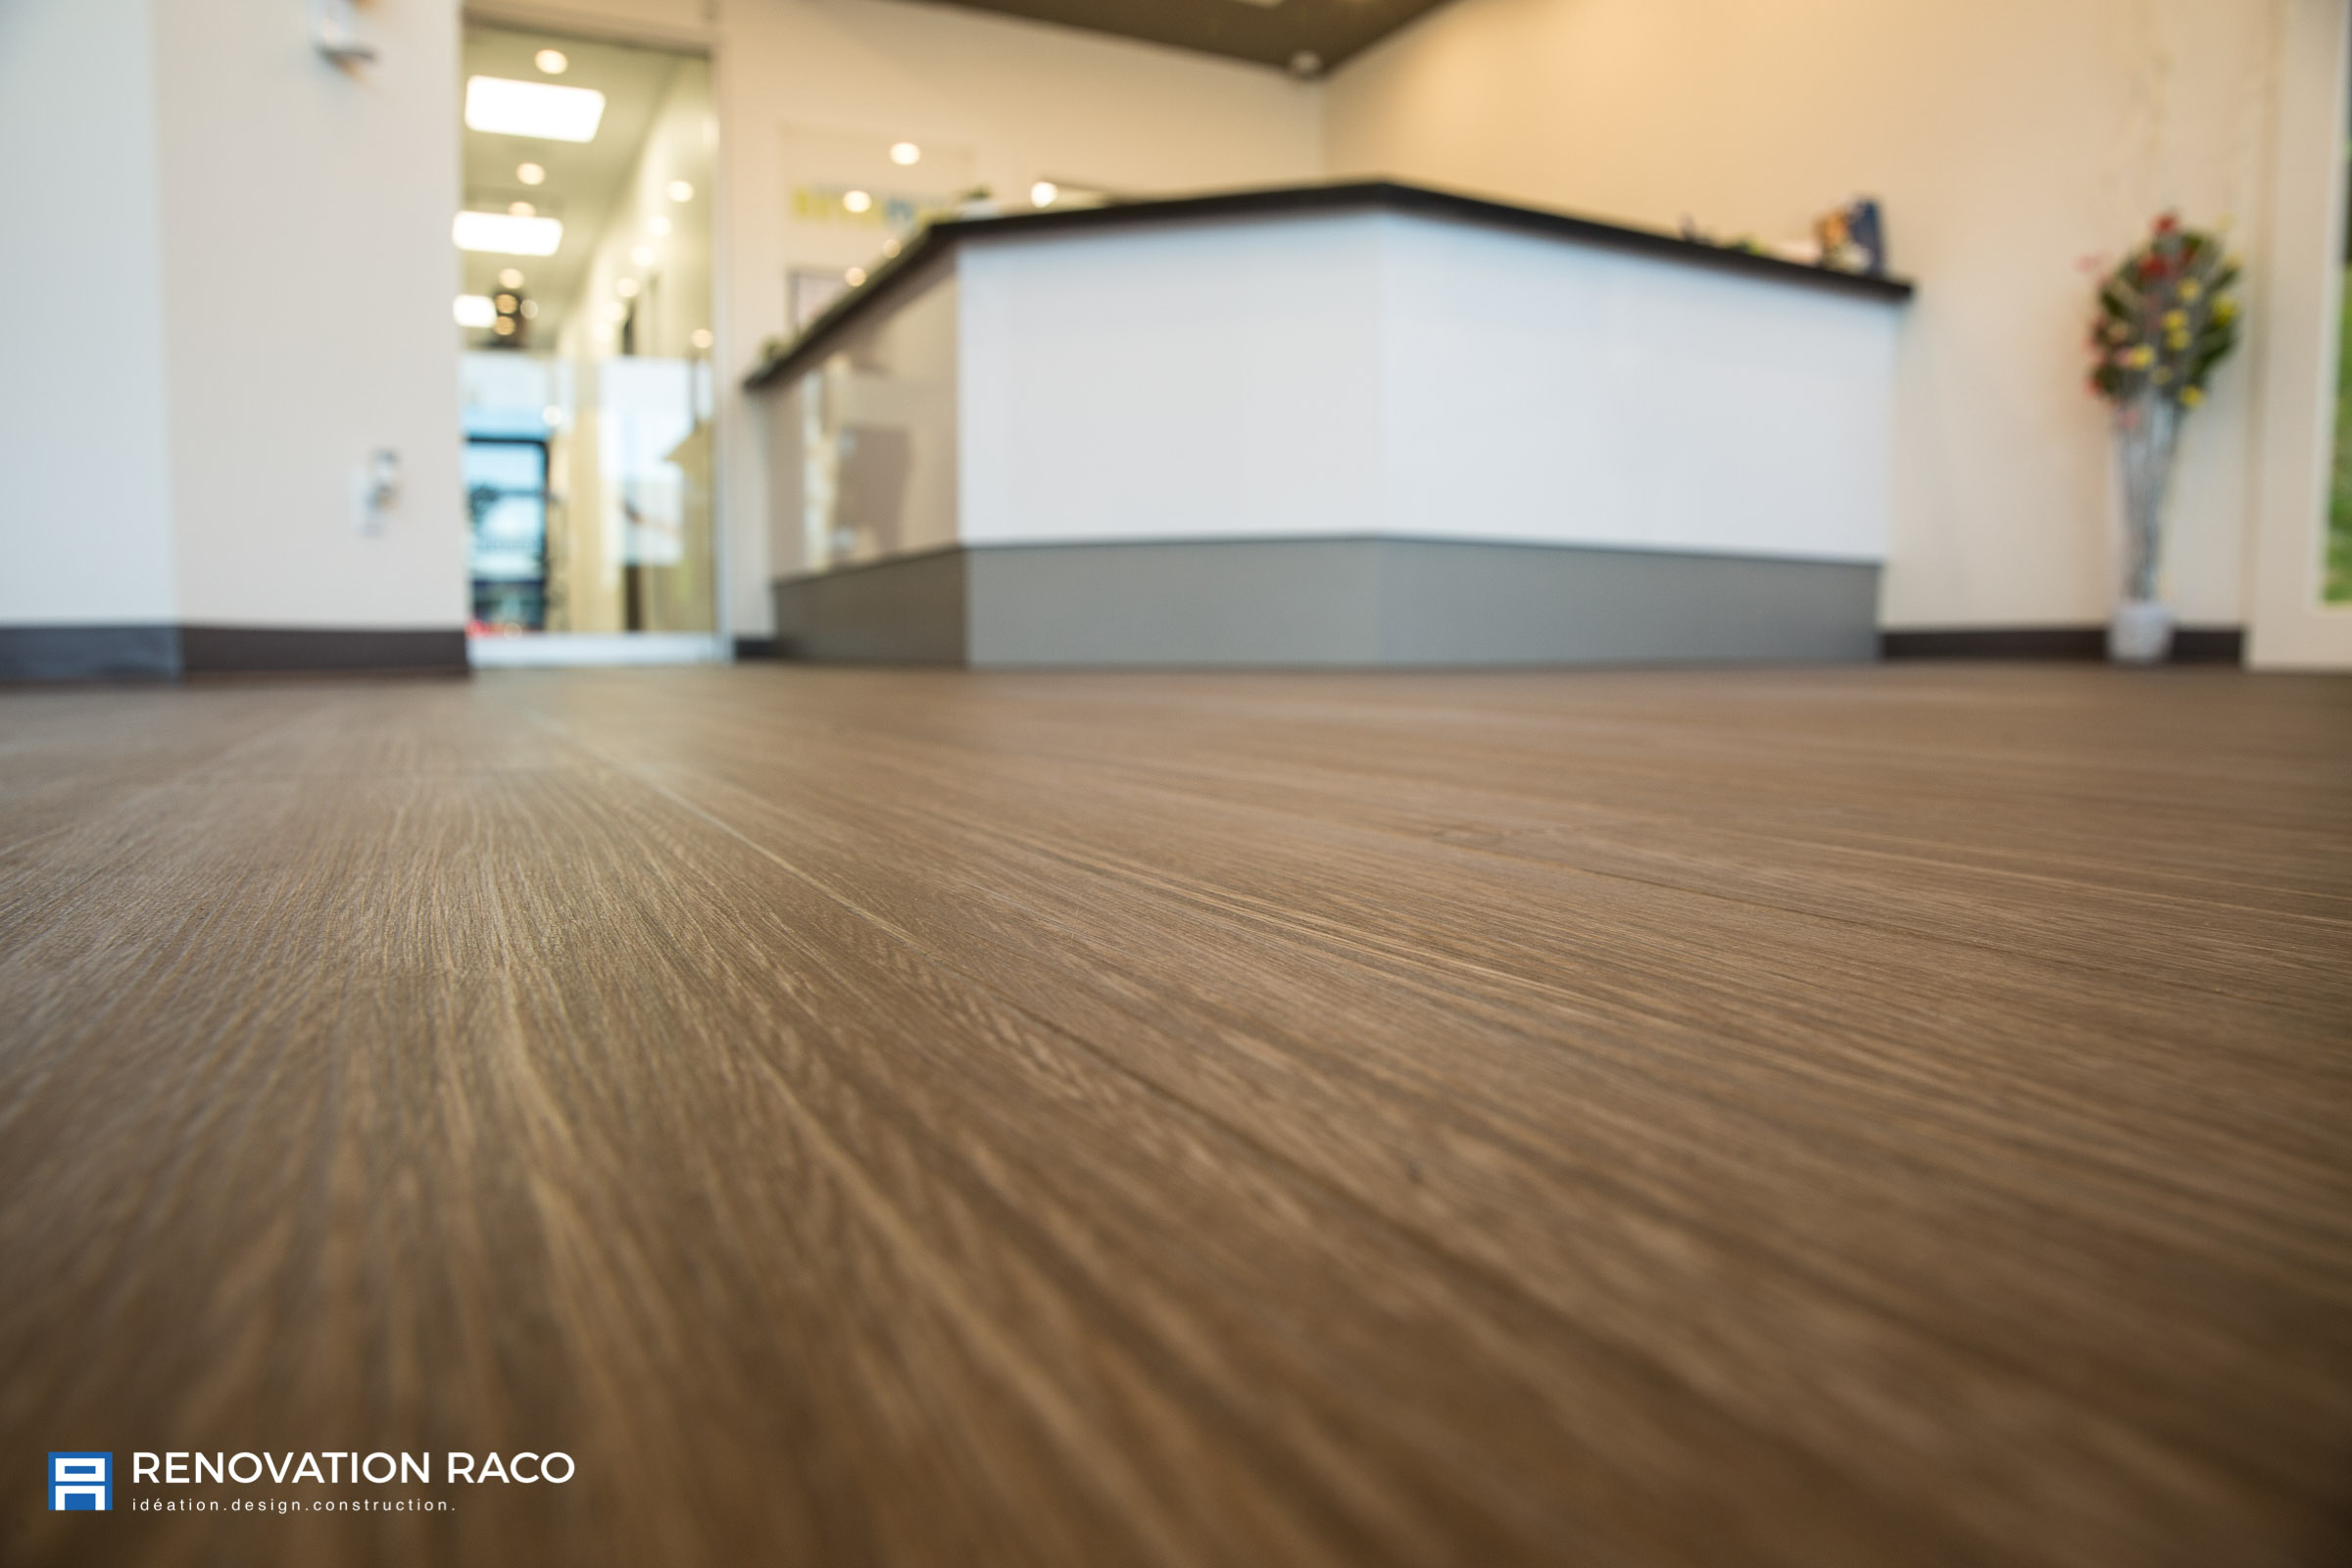 Renovation-Raco-Montreal-clinique Beydoun-15.jpg